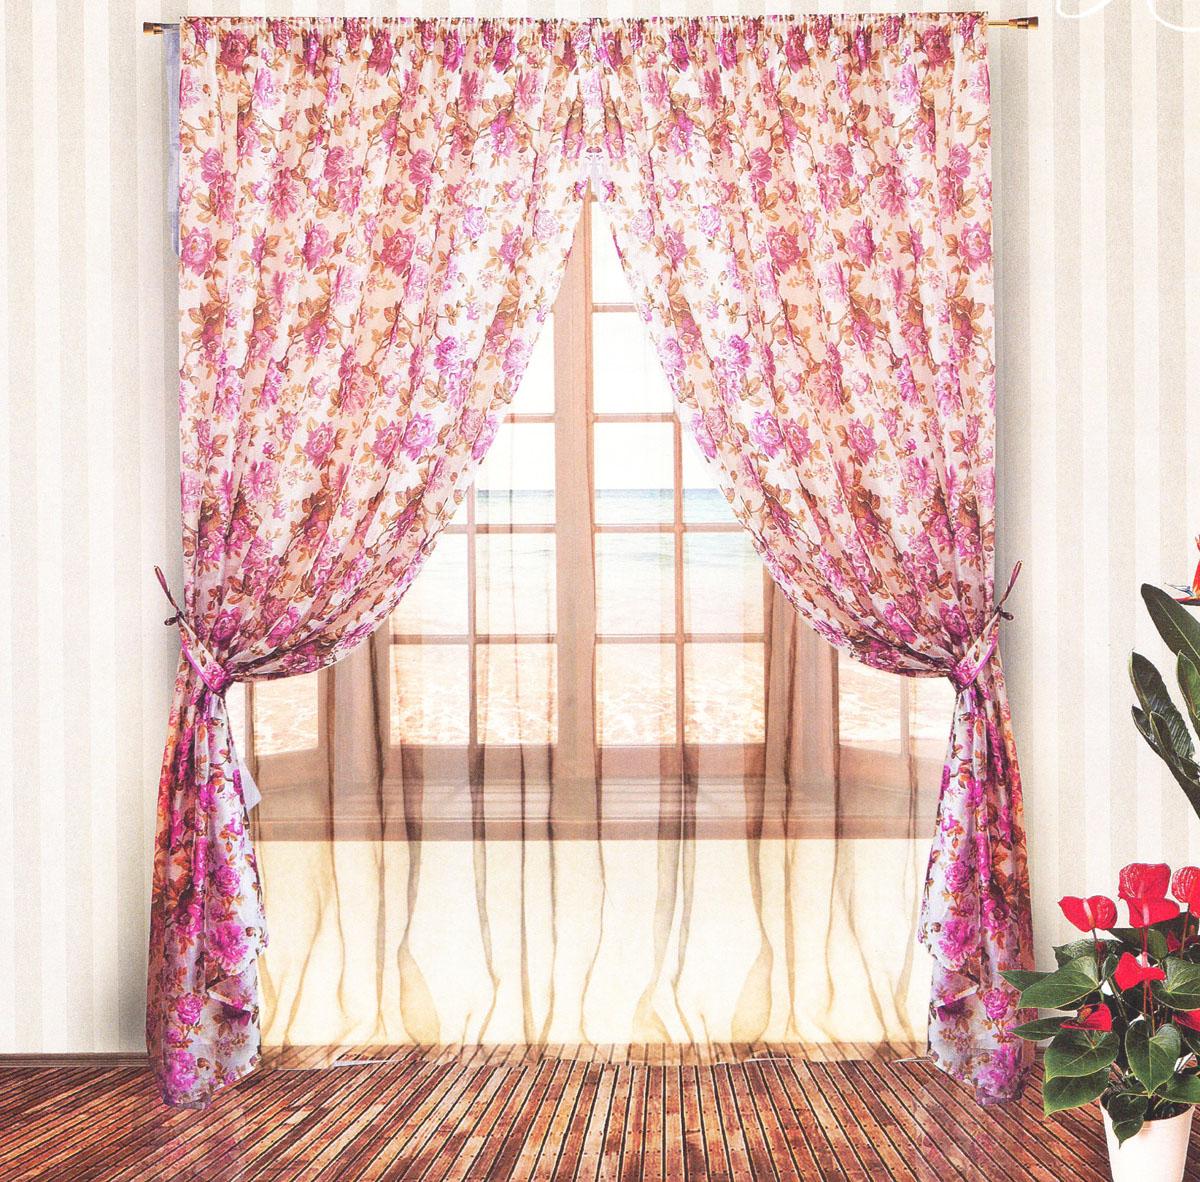 Комплект штор Zlata Korunka, на ленте, цвет: сиреневый, белый, высота 250 см. 5553555535Роскошный комплект тюлевых штор Zlata Korunka, выполненный из органзы и микровуали (100% полиэстера), великолепно украсит любое окно. Комплект состоит из двух штор, тюля и двух подхватов. Полупрозрачная ткань, цветочный принт и приятная, приглушенная гамма привлекут к себе внимание и органично впишутся в интерьер помещения. Комплект крепится на карниз при помощи шторной ленты, которая поможет красиво и равномерно задрапировать верх. Шторы можно зафиксировать в одном положении с помощью двух подхватов. Этот комплект будет долгое время радовать вас и вашу семью! В комплект входит: Штора: 2 шт. Размер (ШхВ): 200 см х 250 см. Тюль: 1 шт. Размер (ШхВ): 400 см х 250 см.Подхват: 2 шт. Размер (ШхВ): 60 см х 10 см.